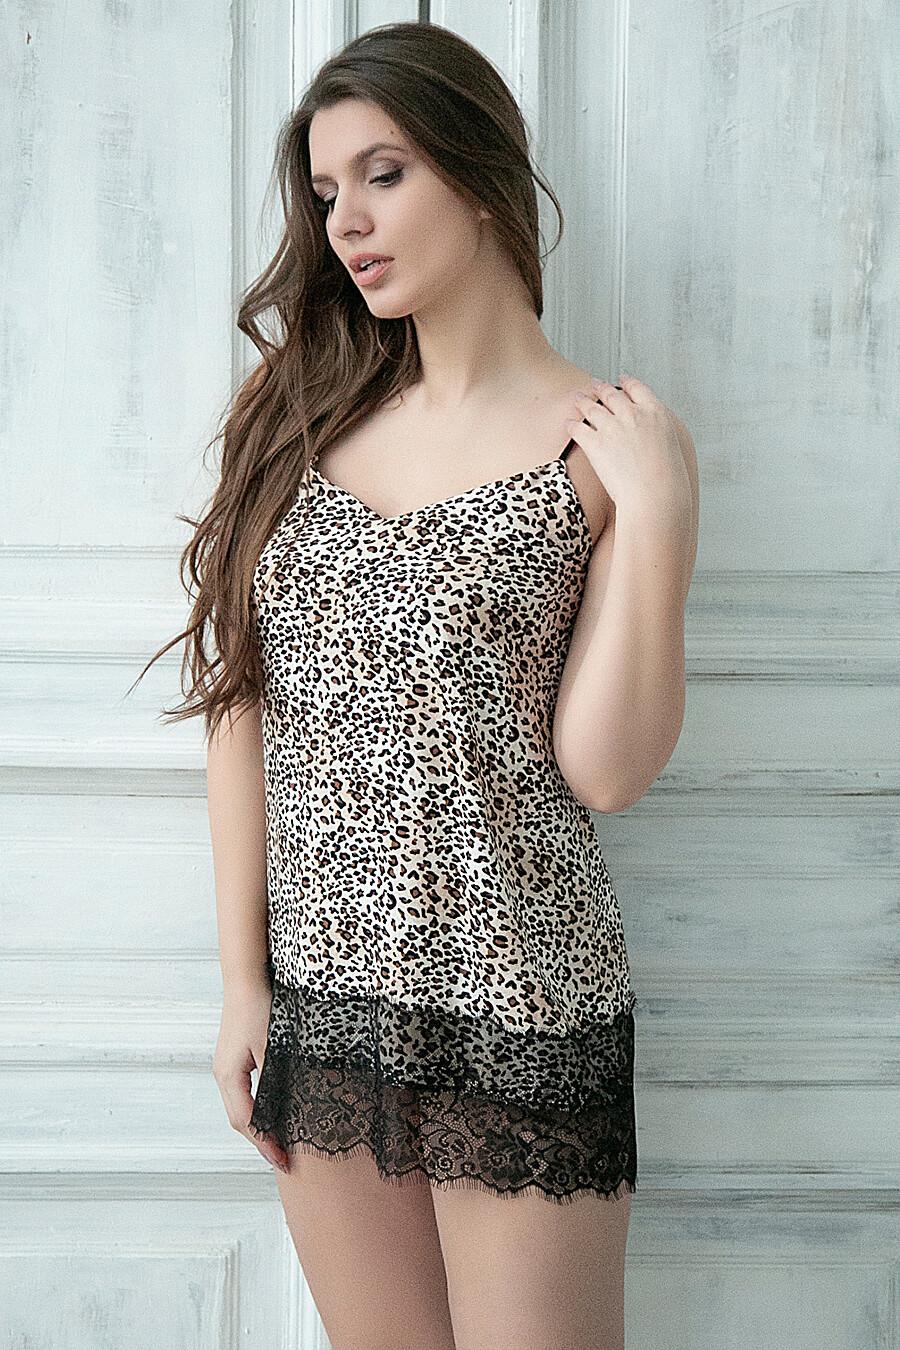 Сорочка для женщин BELLUCHE 176122 купить оптом от производителя. Совместная покупка женской одежды в OptMoyo